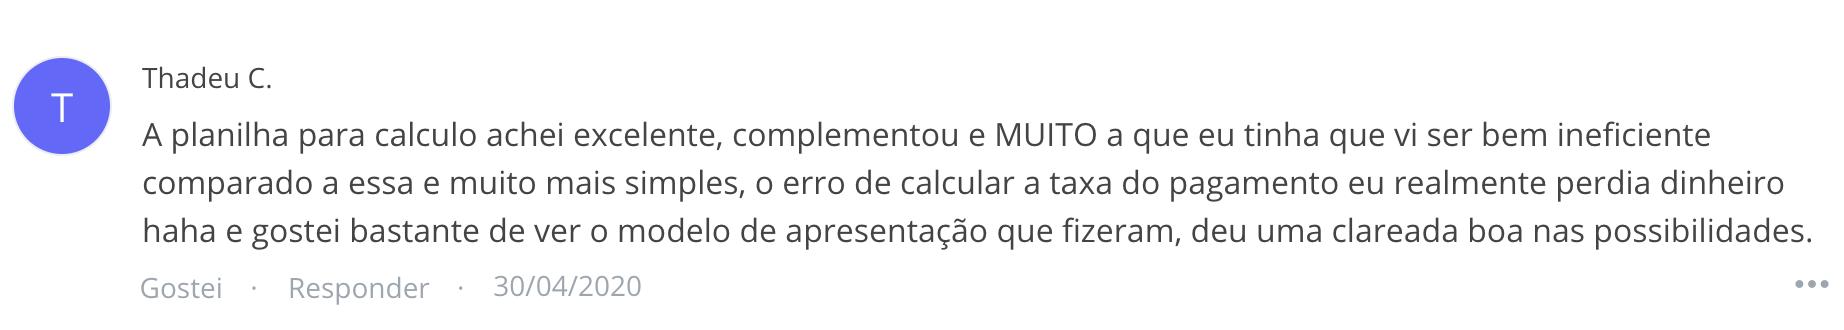 Captura_de_Tela_2020-05-04_às_08.57